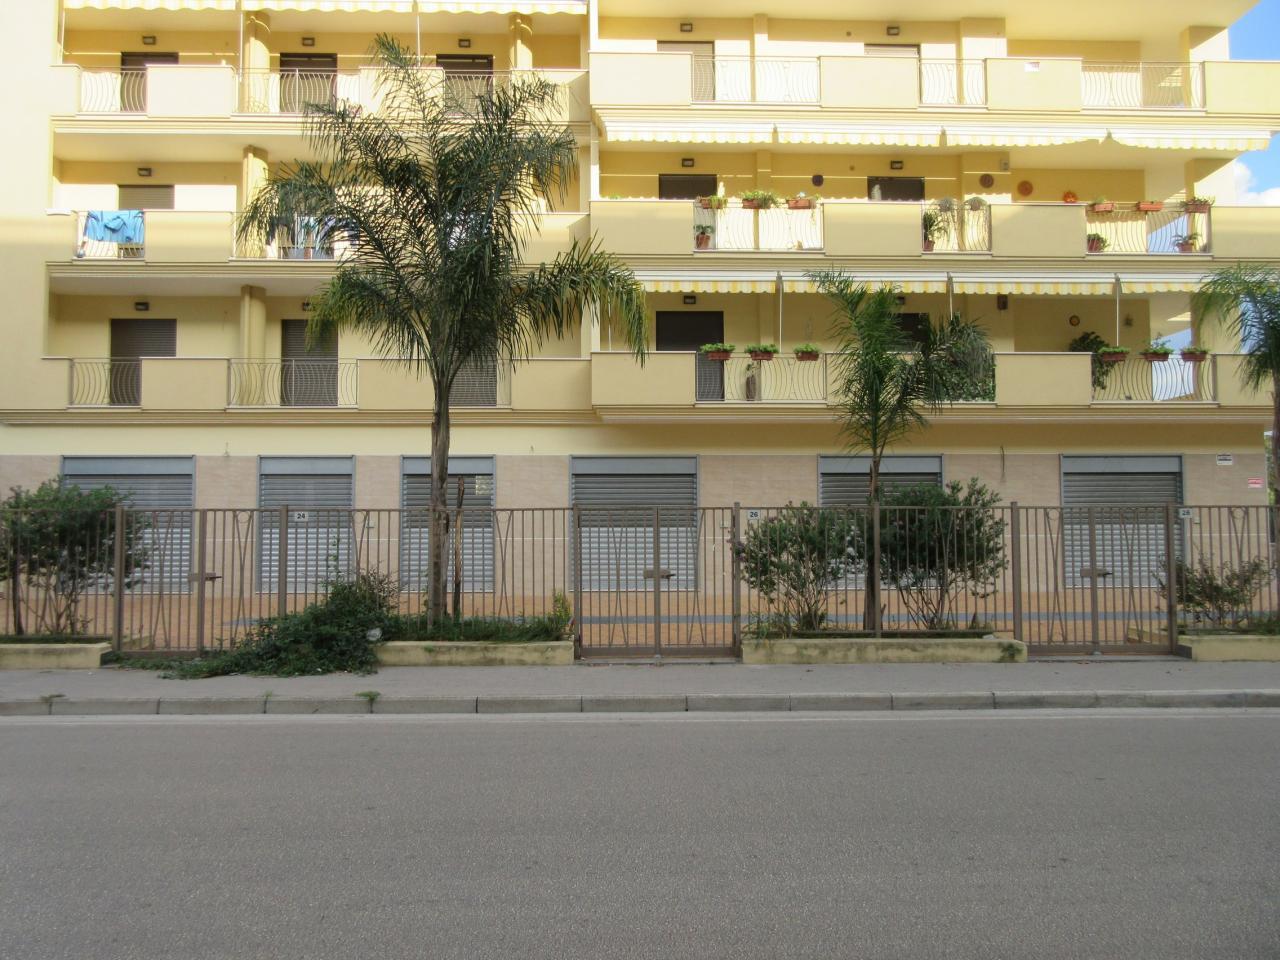 Negozio / Locale in affitto a Maddaloni, 9999 locali, prezzo € 750 | CambioCasa.it